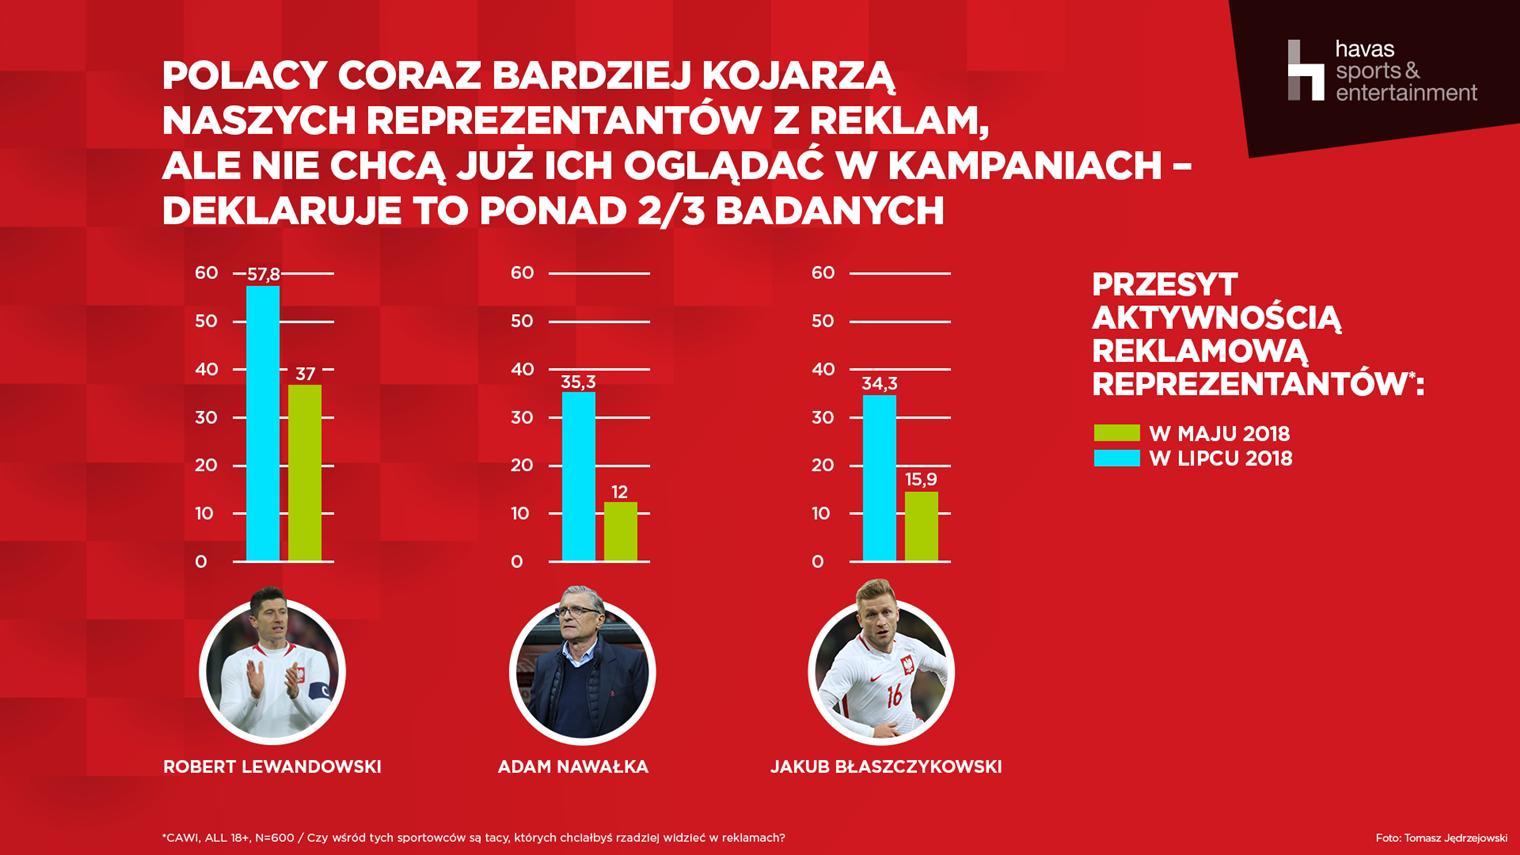 Polscy reprezentanci w reklamach